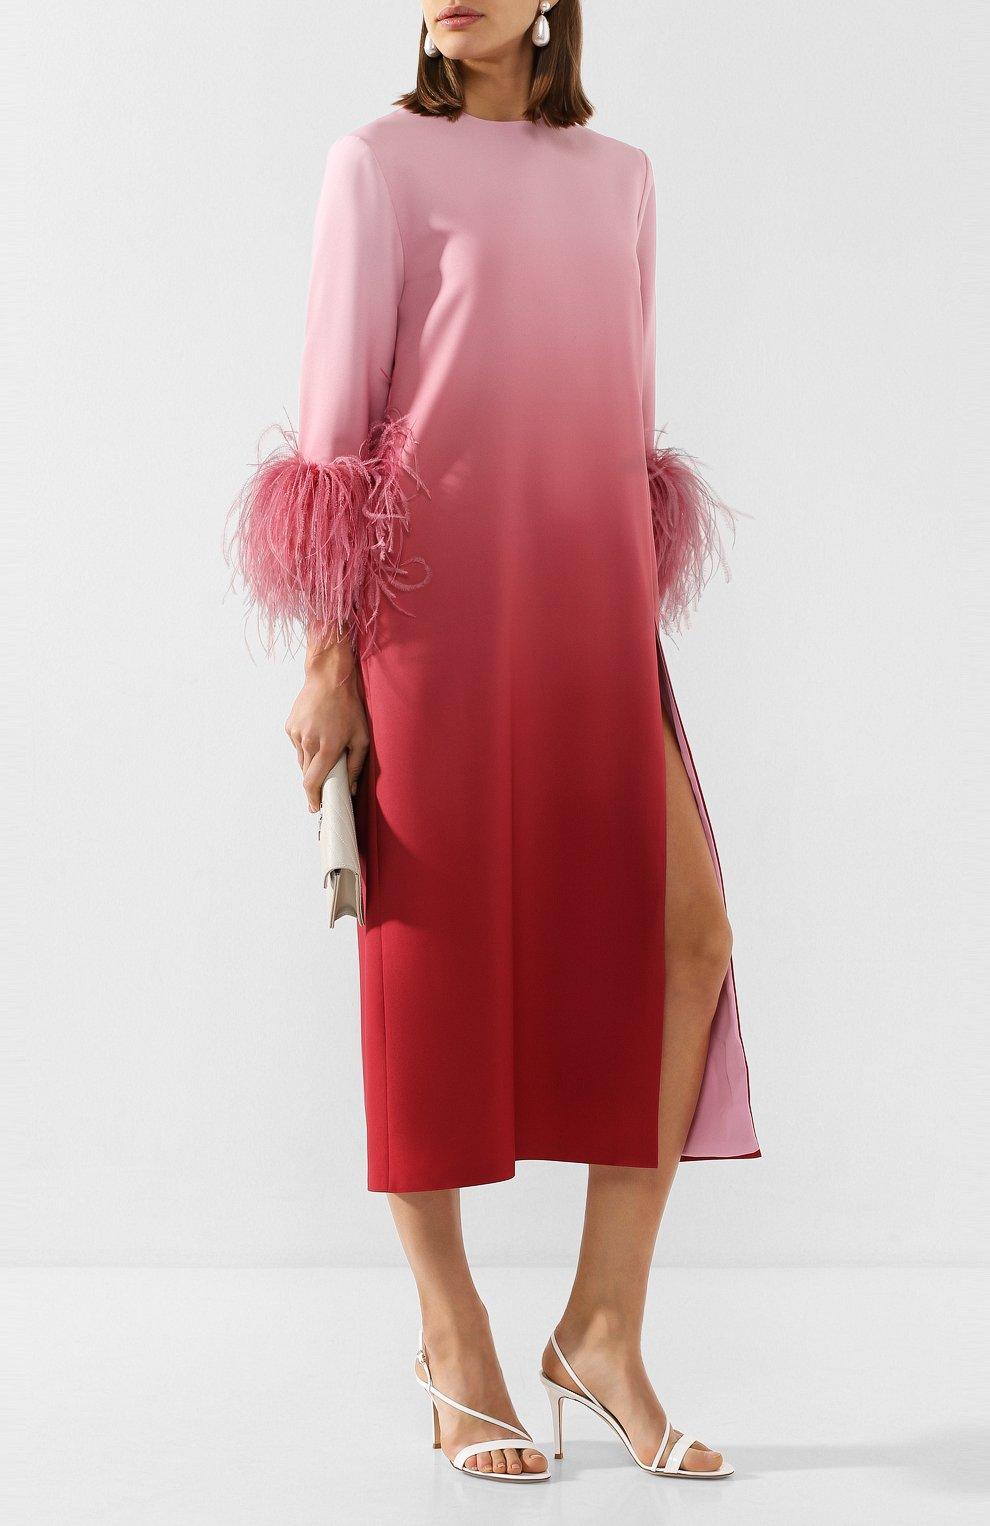 Женское платье-миди 16 ARLINGTON розового цвета, арт. D-021-S20-PNK/RED-0MBRE 0MBRE CREPE | Фото 2